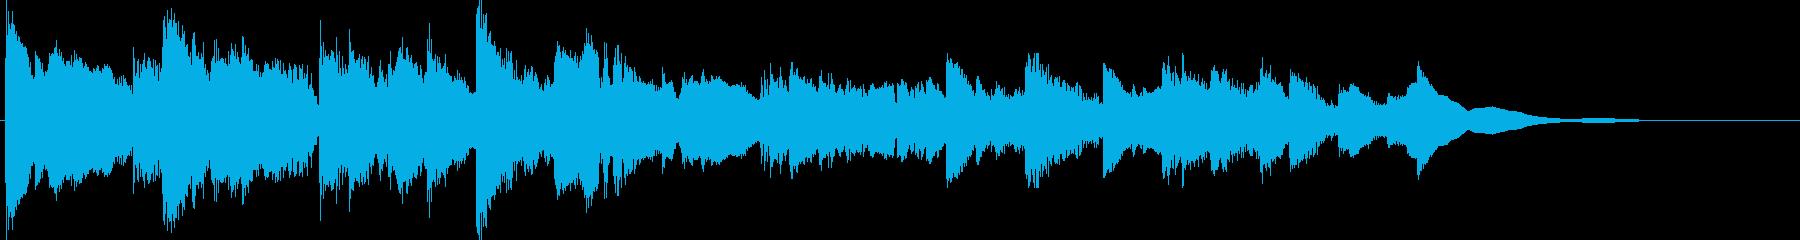 キーボードの音色のみのキラキラした曲の再生済みの波形